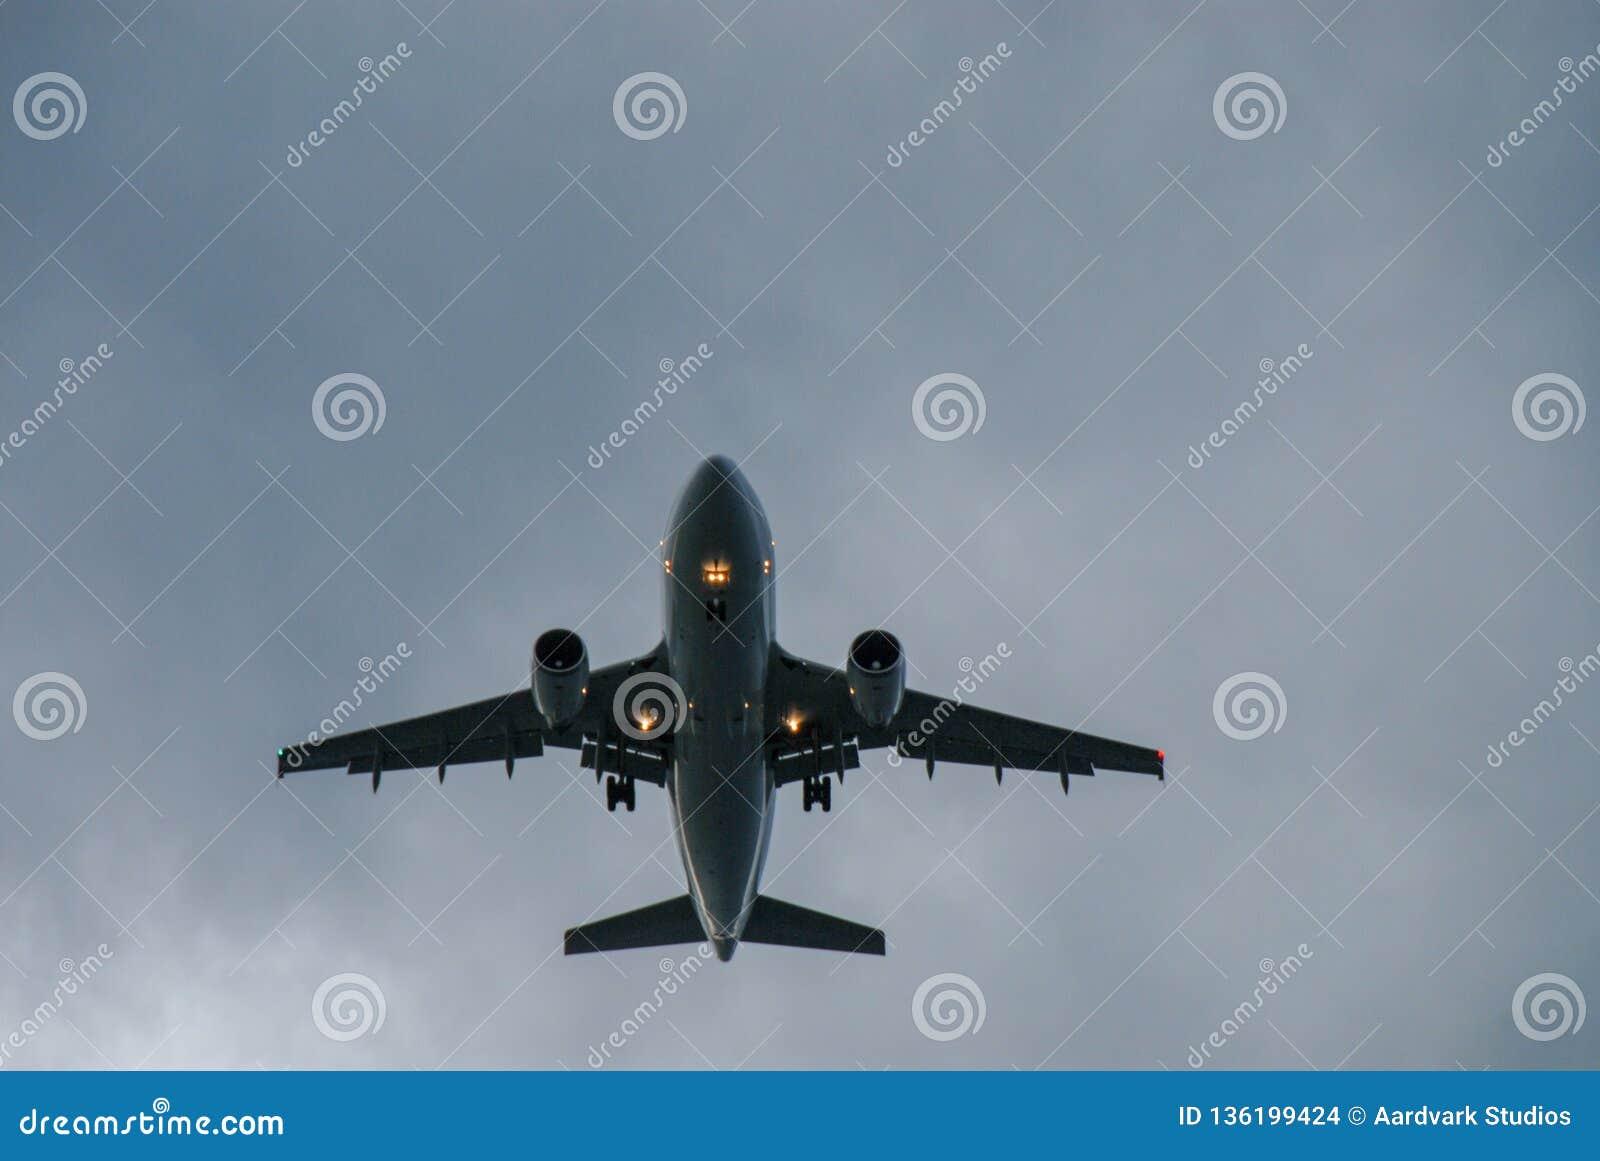 Comercial flygplan som tar av i aftonen